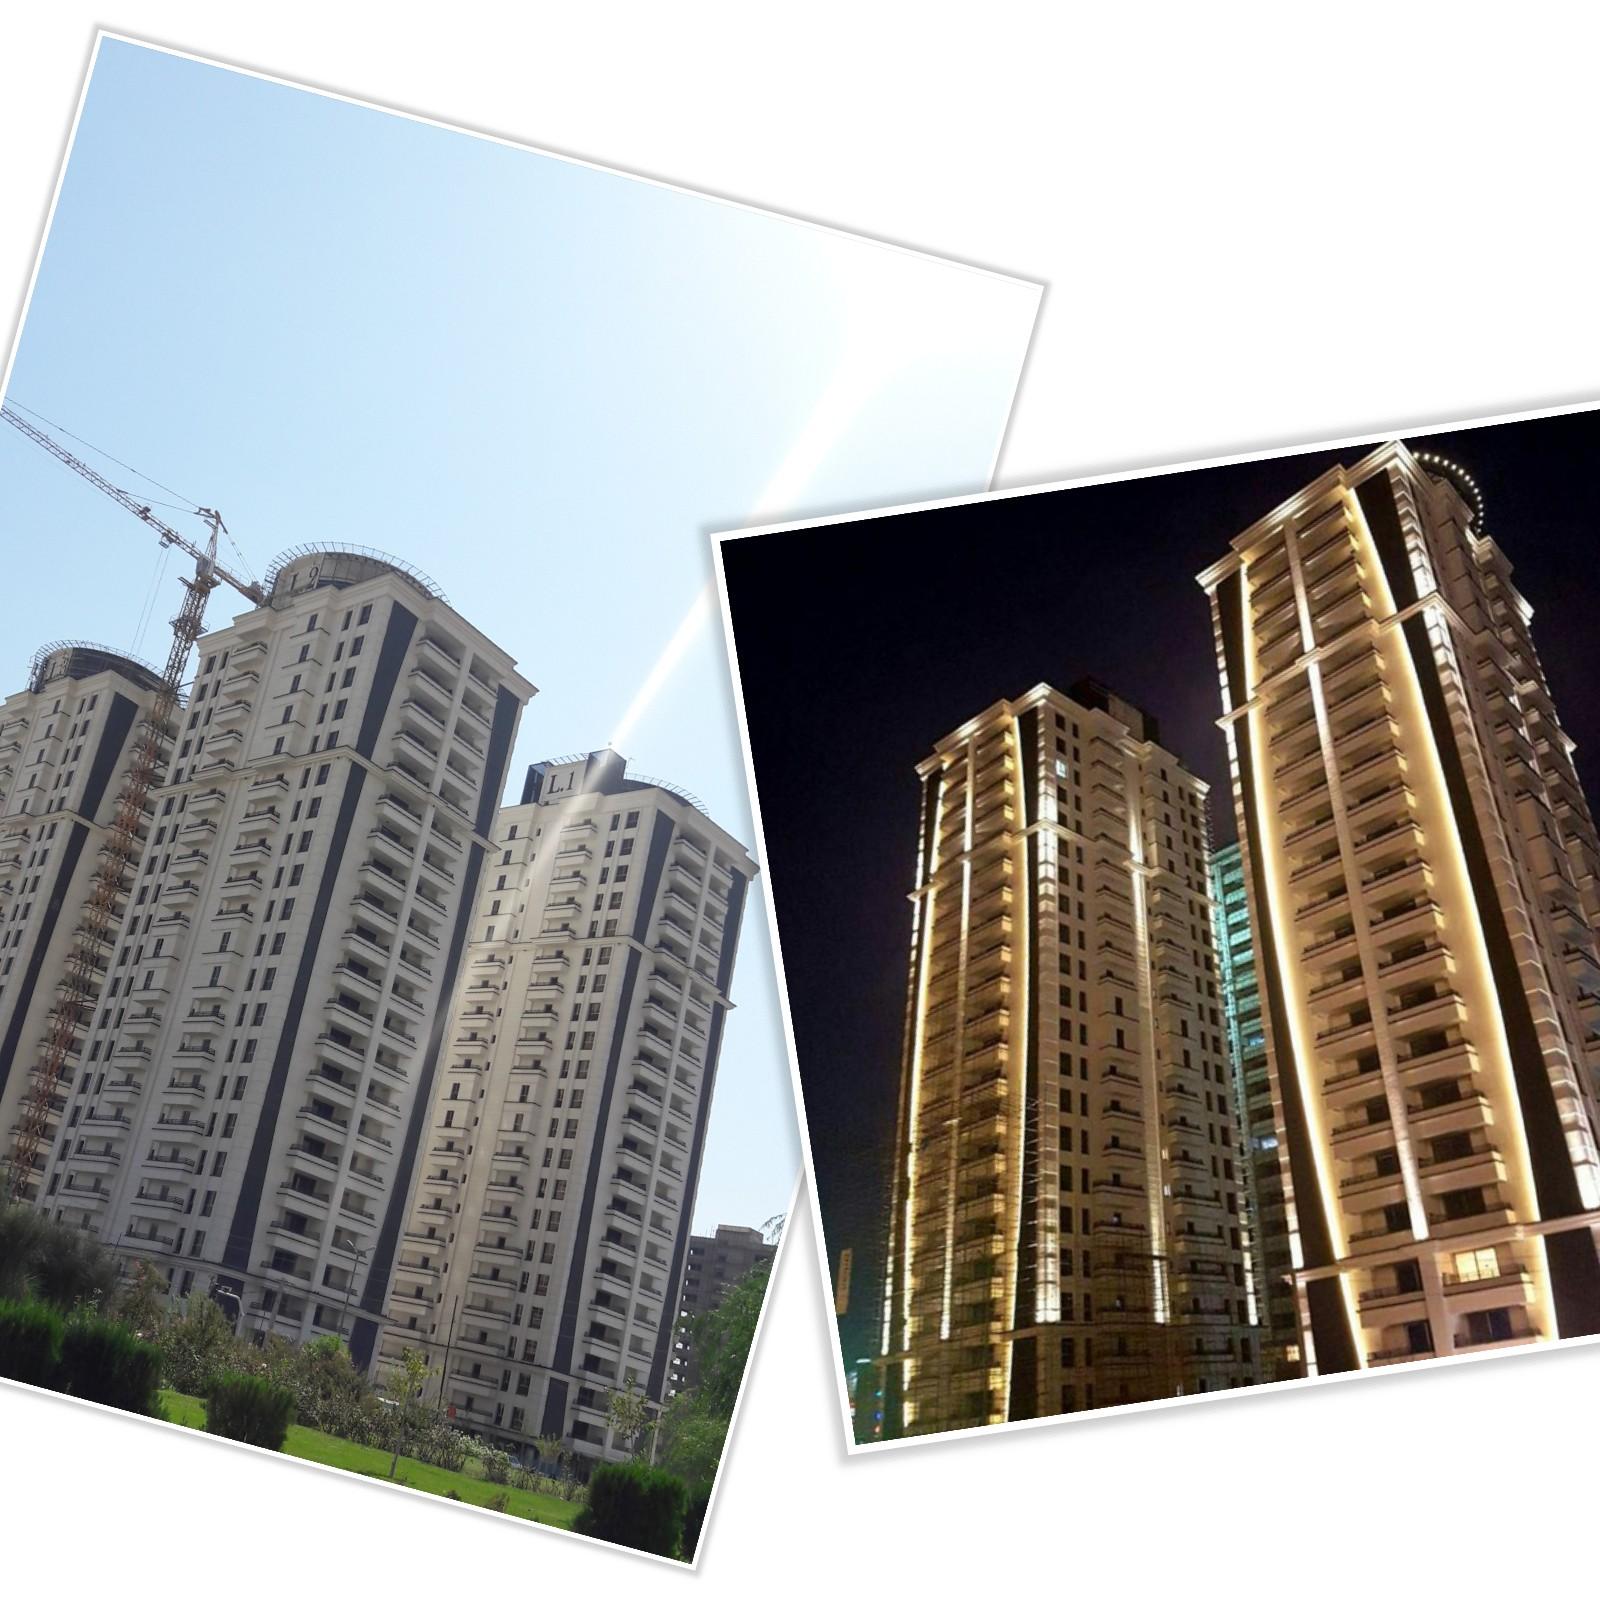 اجرای رنگ نمای ساختمان و کنیتکس و پوشش سنگی زاهدان